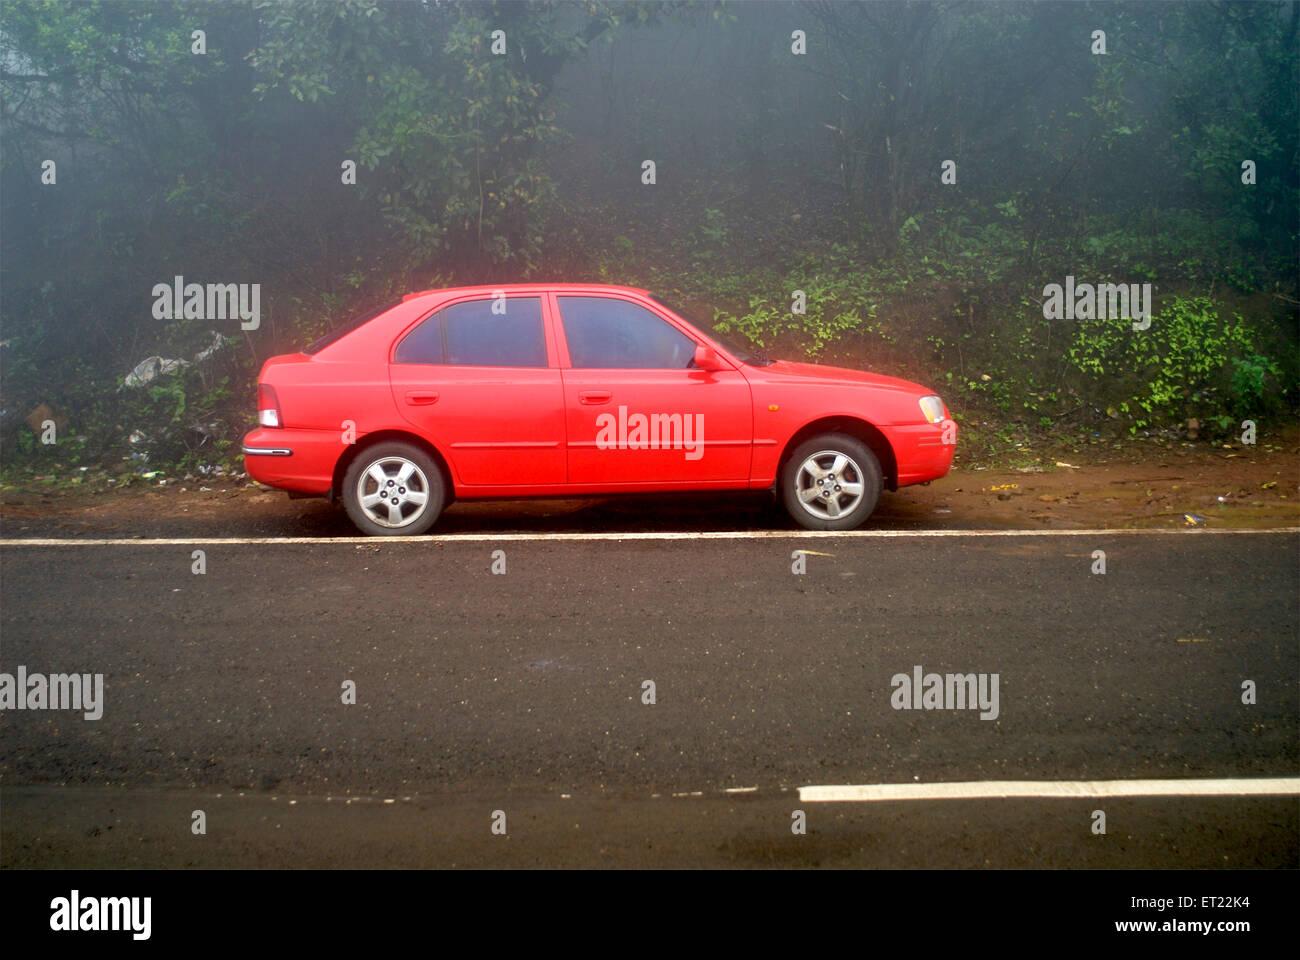 Un colore rosso Hyundai Accent parcheggiate lungo il lato della strada in un giorno di nebbia a tiger colline ; Immagini Stock